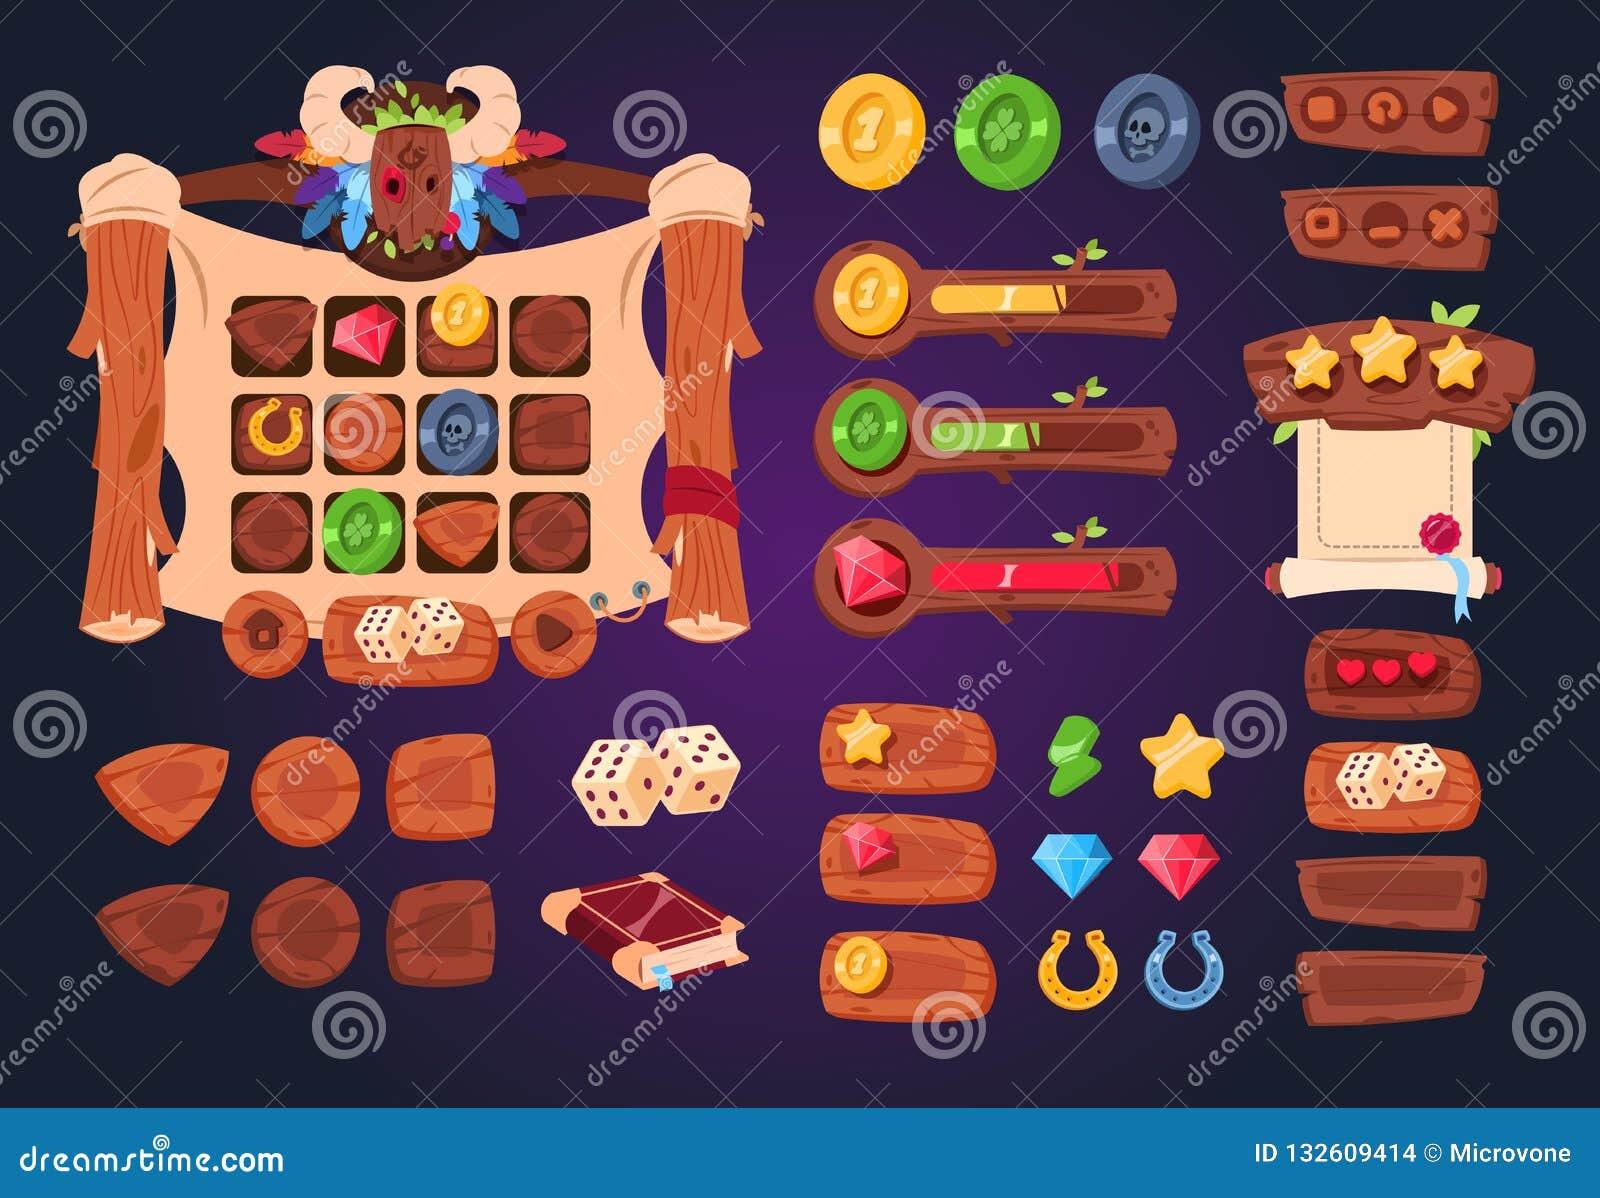 Kreskówki gry ui Drewniani guziki, suwaki i ikony, Interfejs dla 2d gier, app gui wektorowy projekt